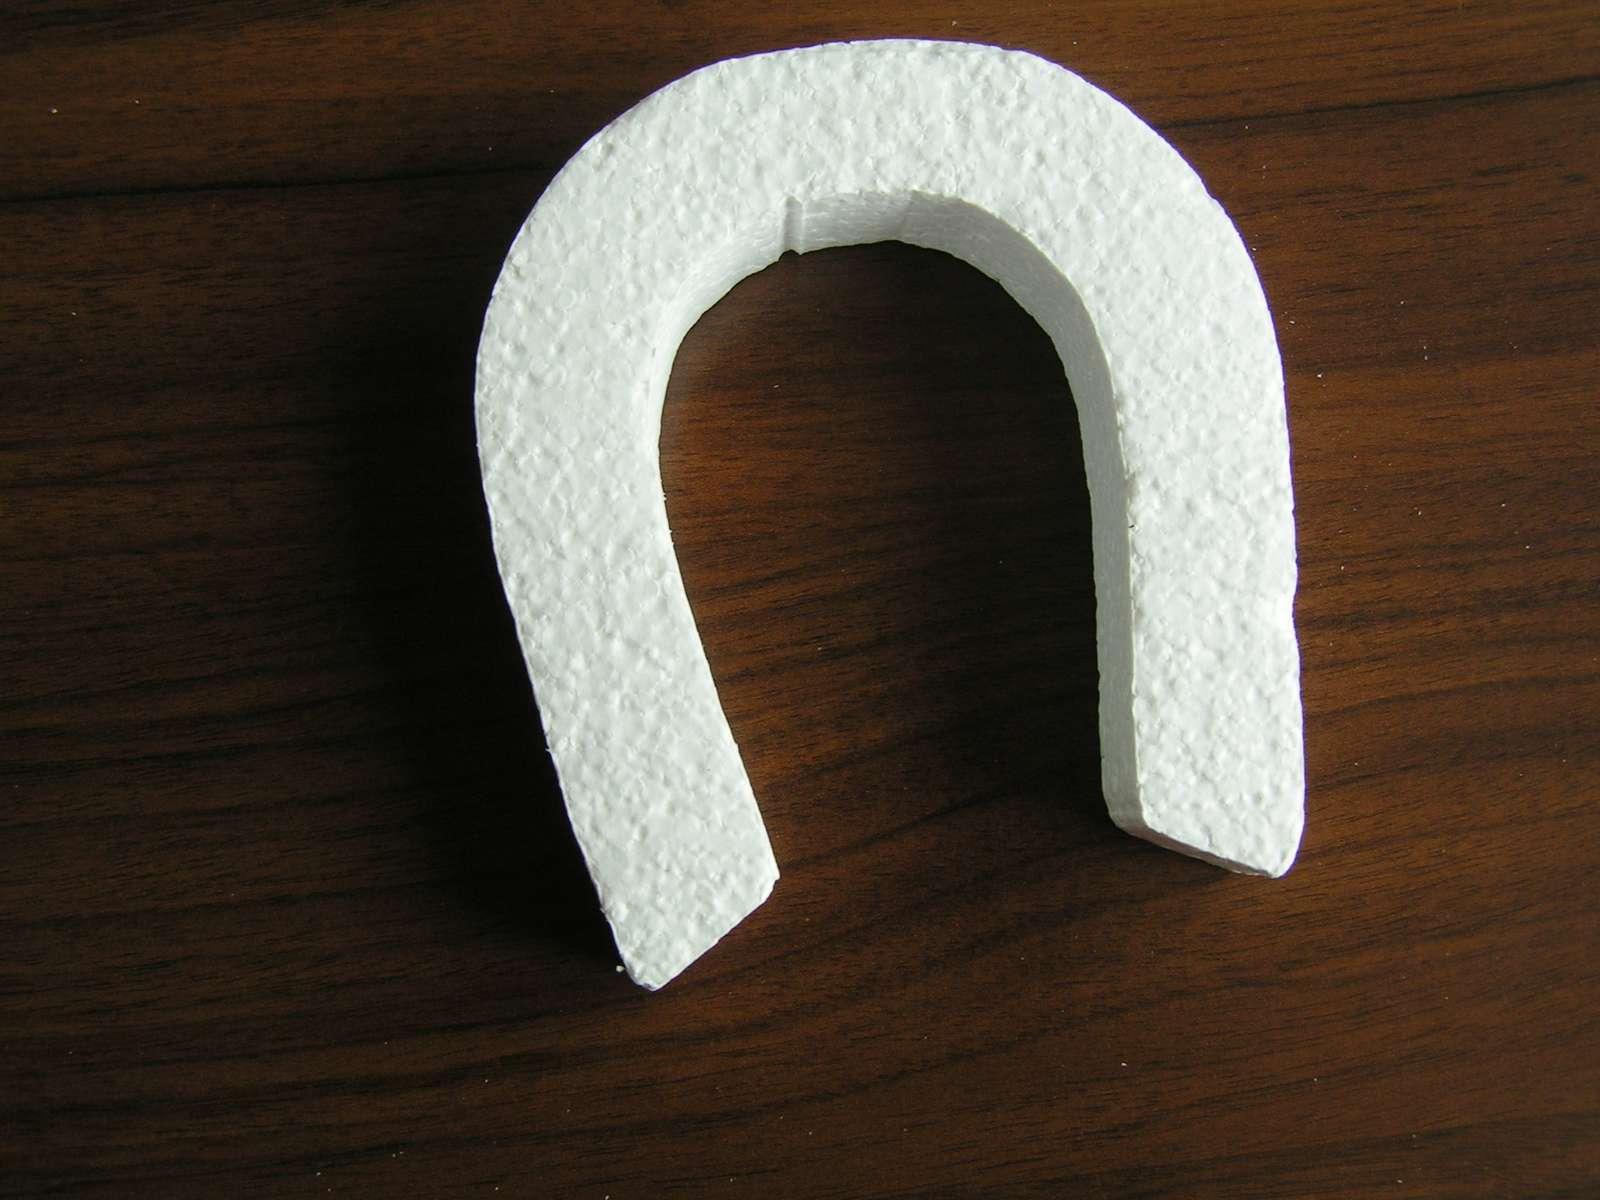 Polystyrenová podkova cca 14 x 11,5 cm - Obrázek č. 1